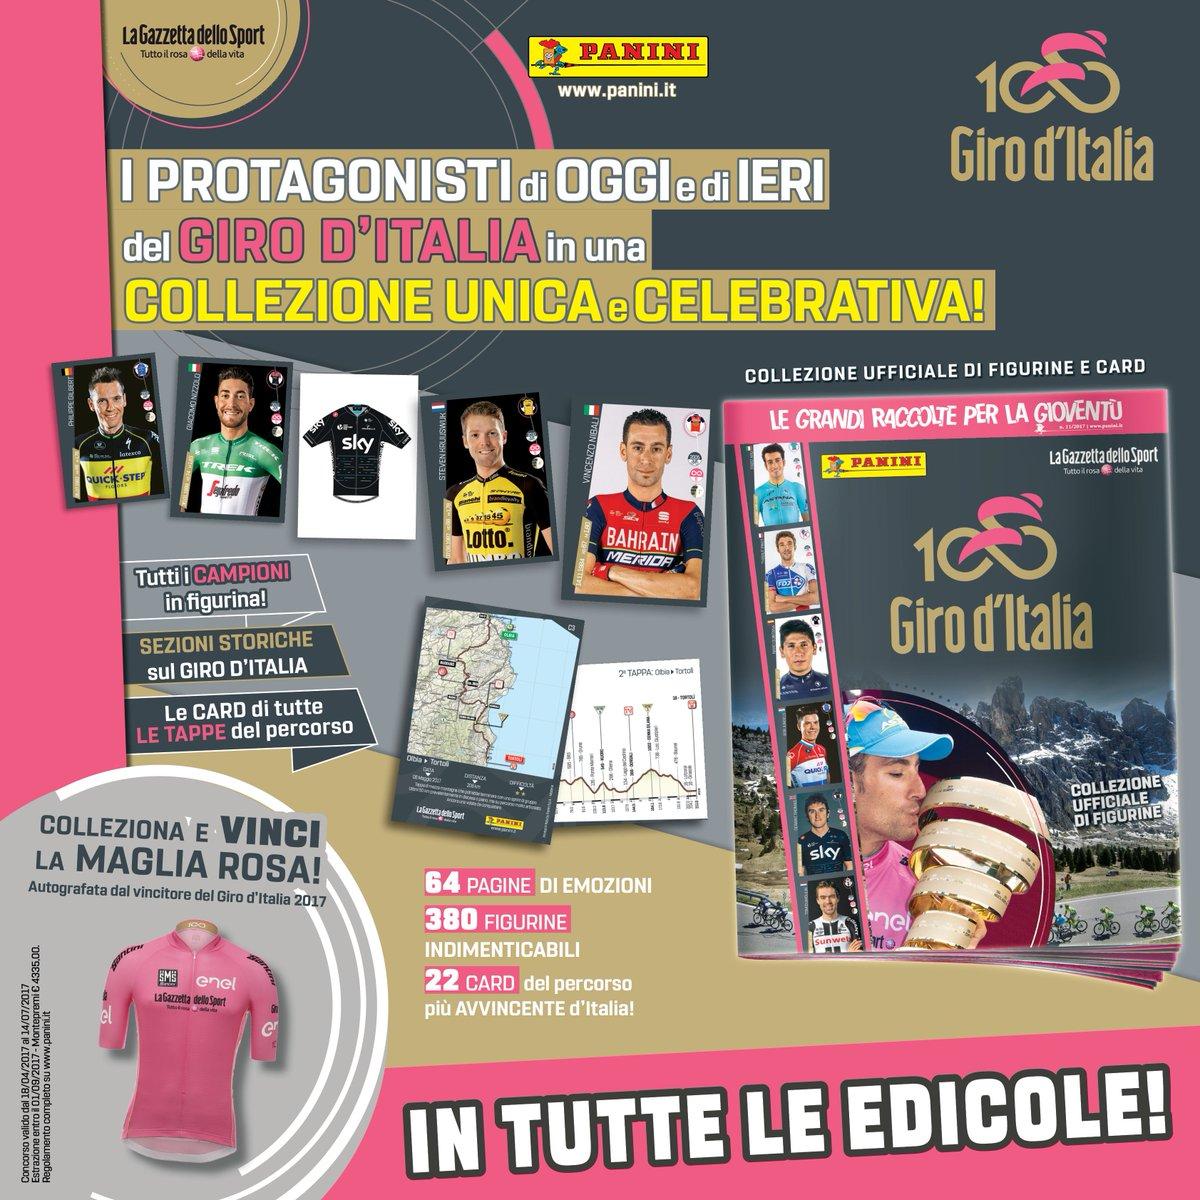 Giro d'Italia N°100: Diretta TV e Streaming Web + collezione di Figurine Panini